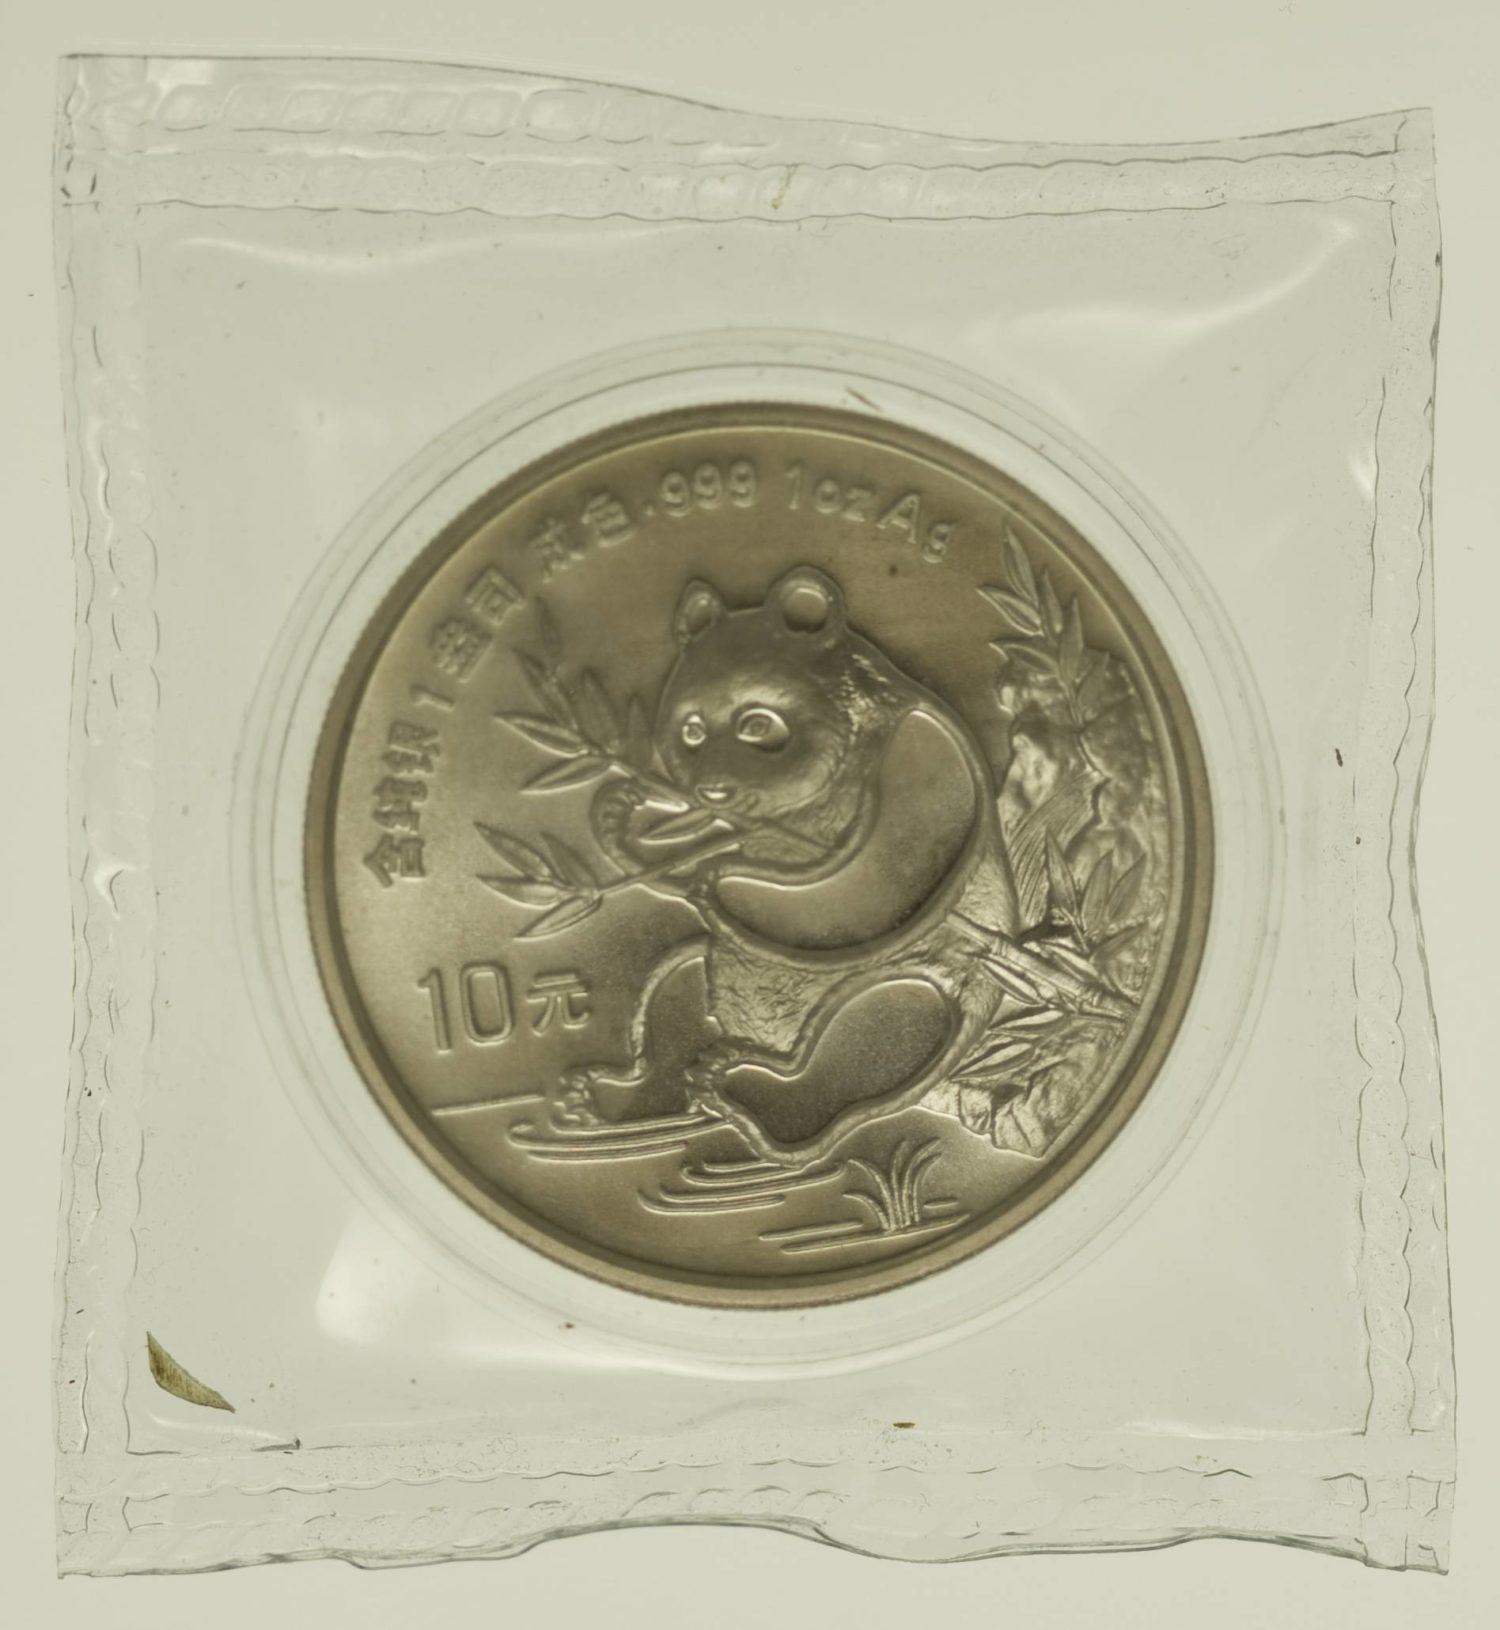 1 Unze Silbermünze China Panda 1991 10 Yuan 31,1 Gramm Silber fein RAR